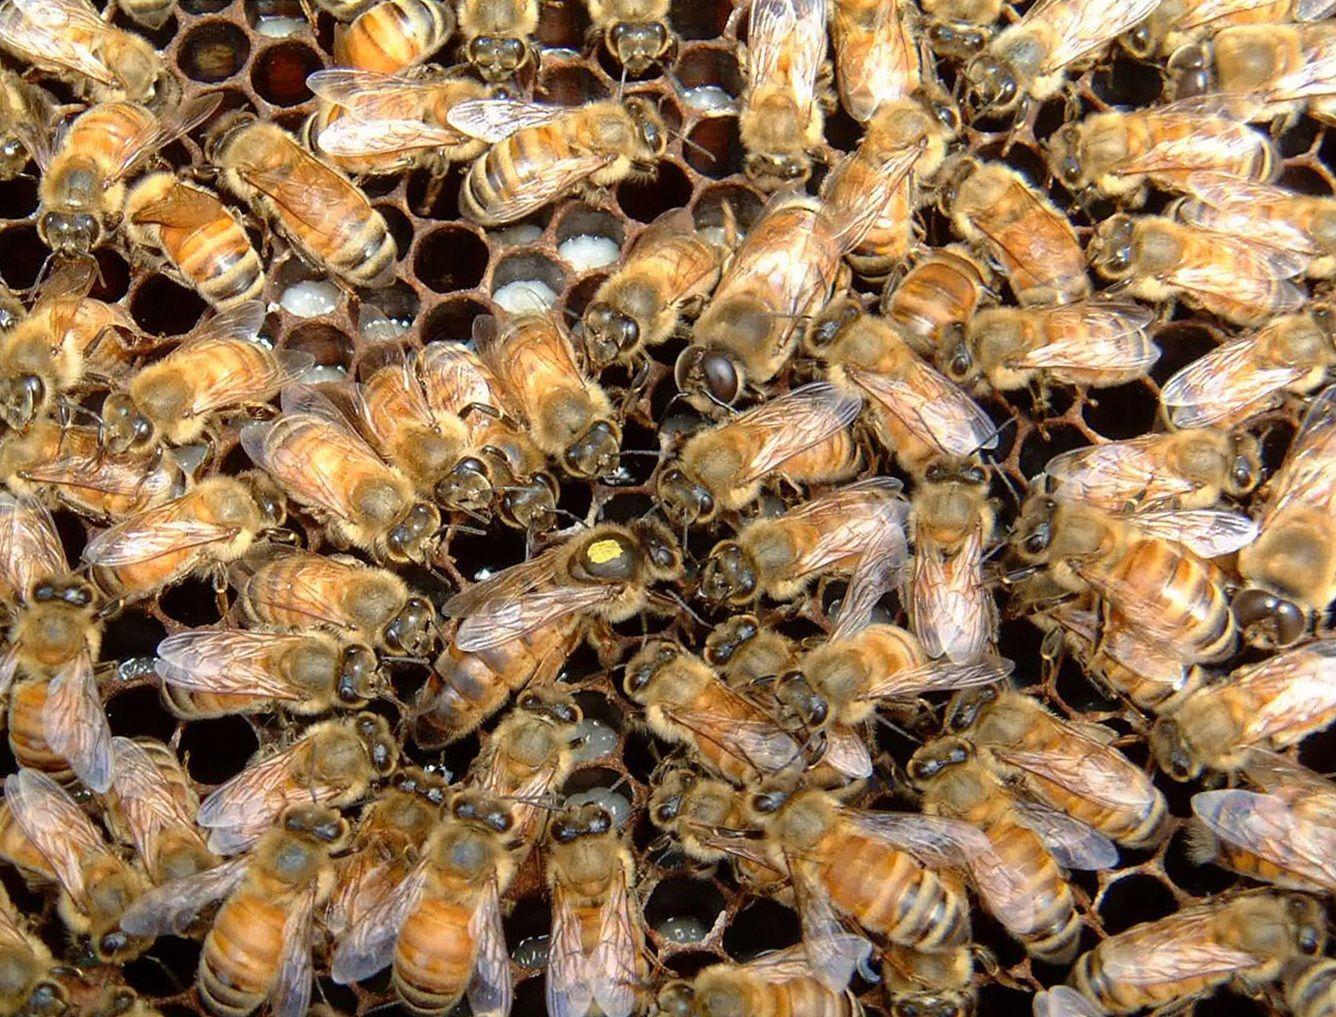 تغذیه ملکه توسط زنبورهای پرستار